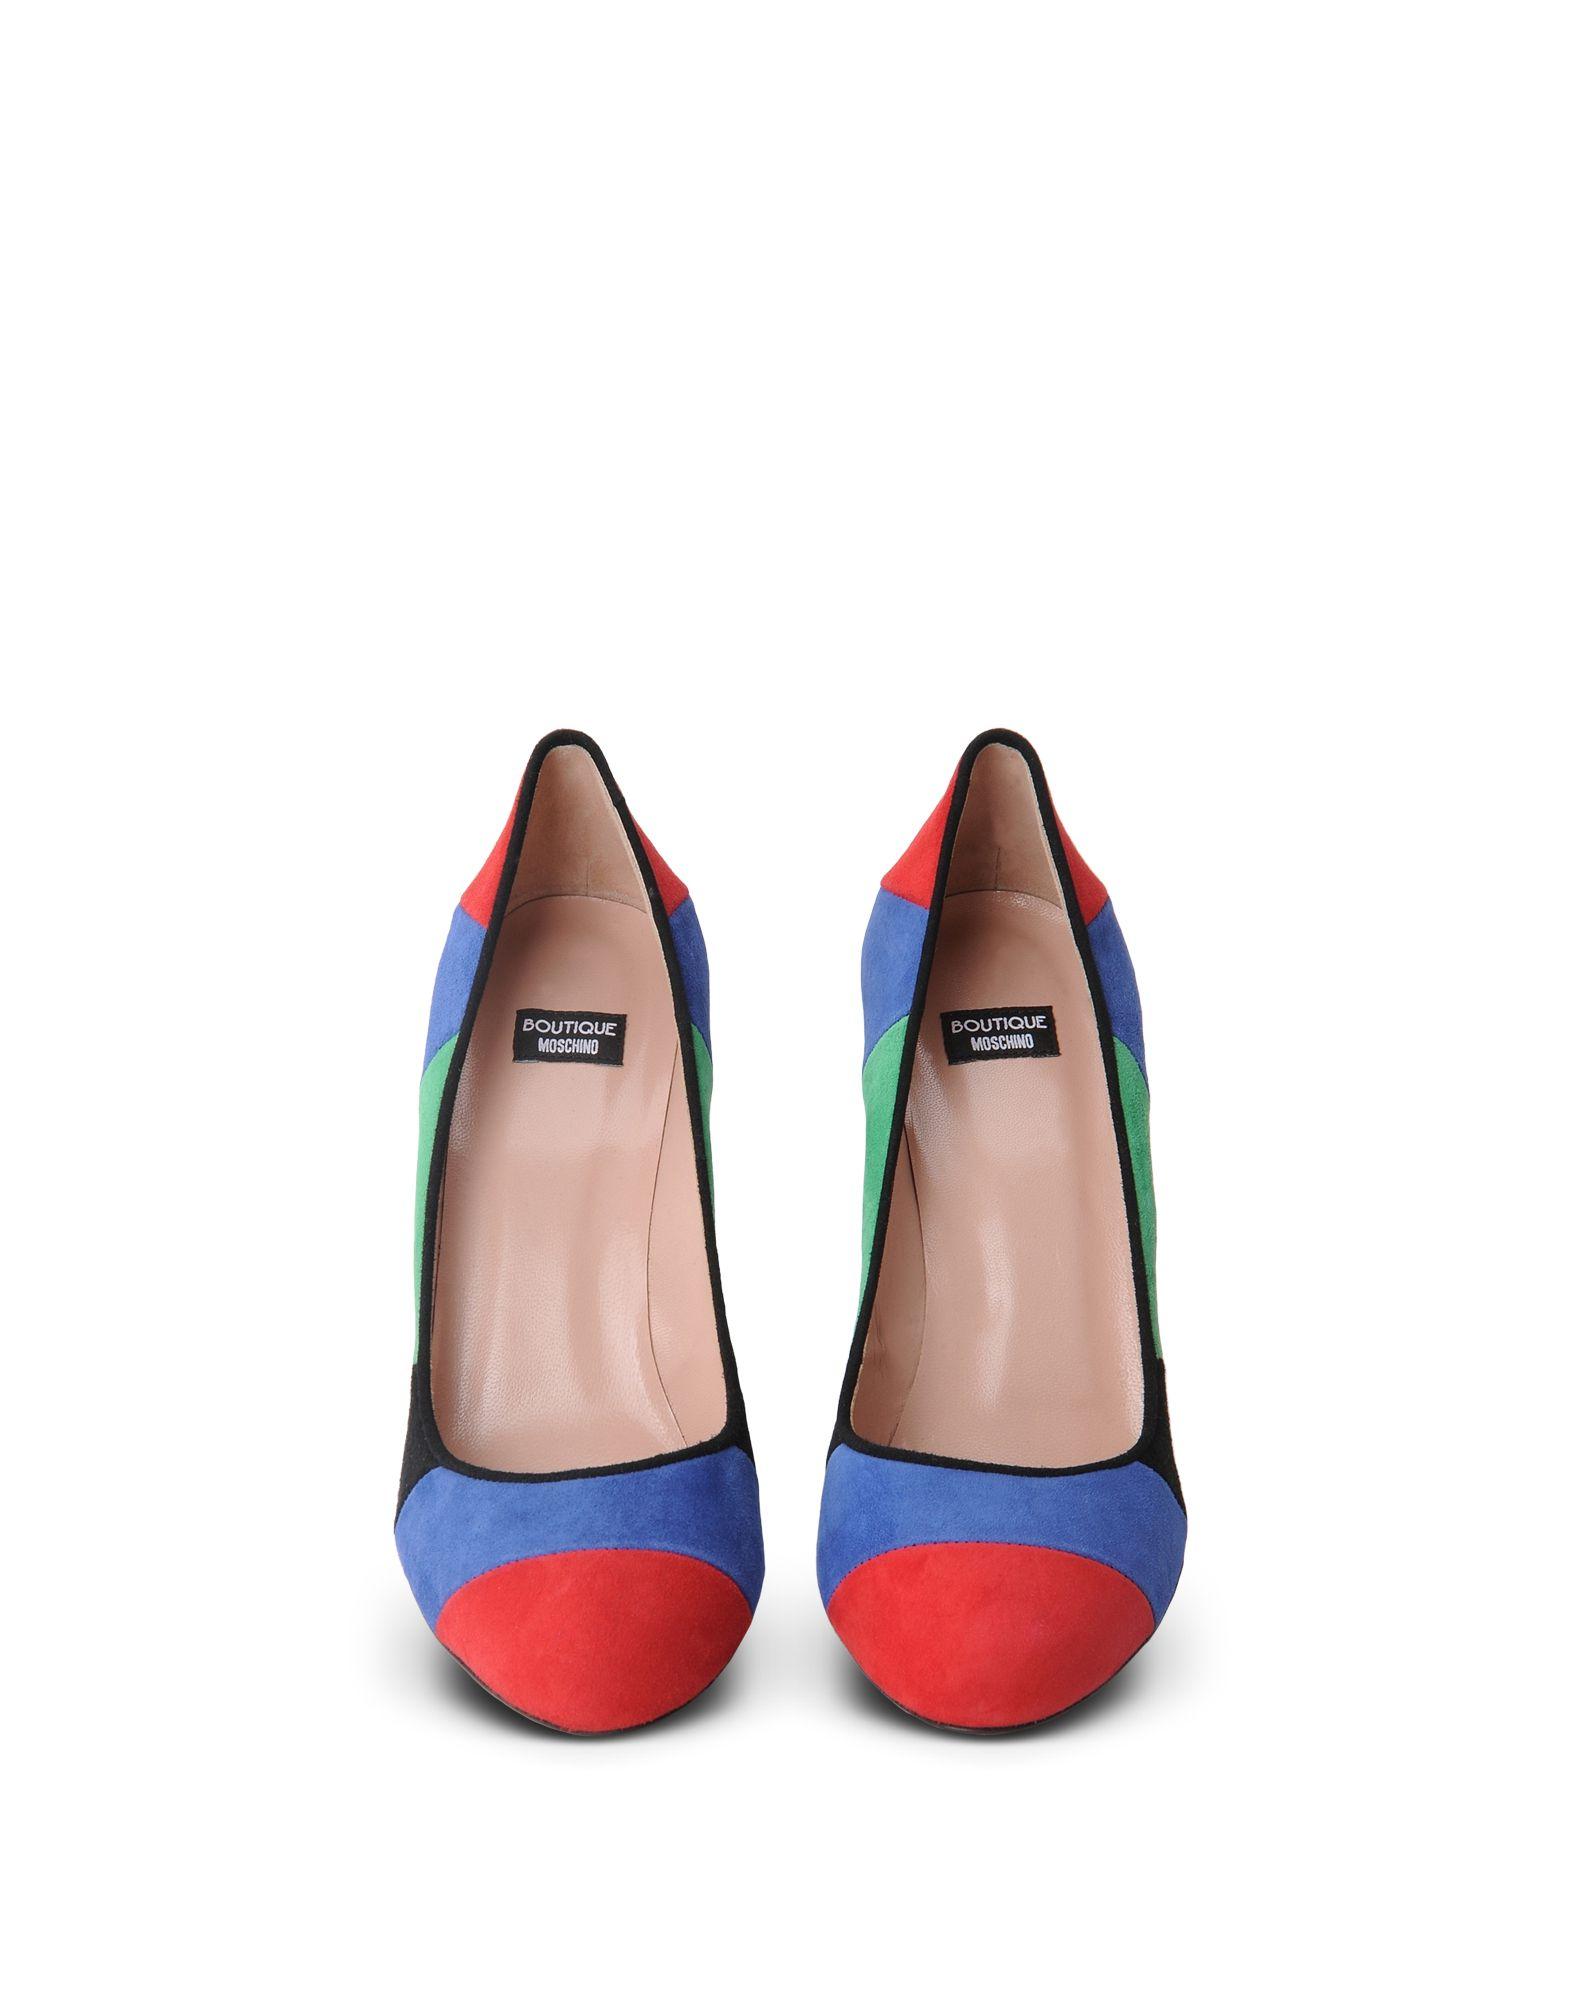 Rabatt Schuhe Pumps Boutique Moschino Pumps Schuhe Damen  11280531CG db25da